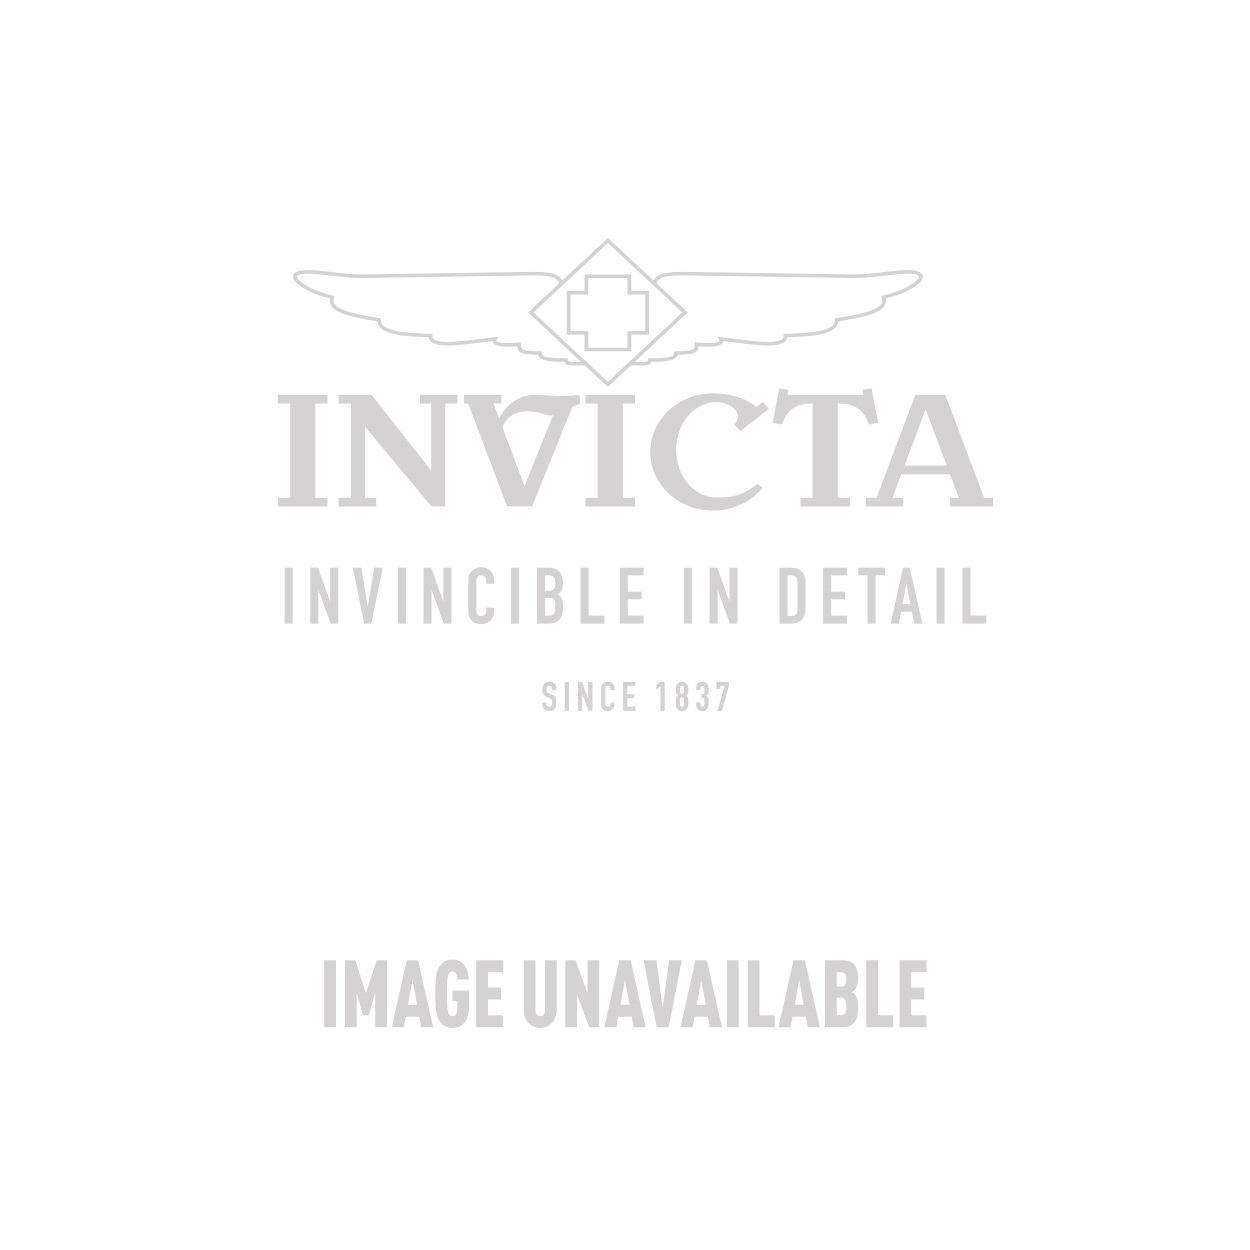 Invicta Model 25553